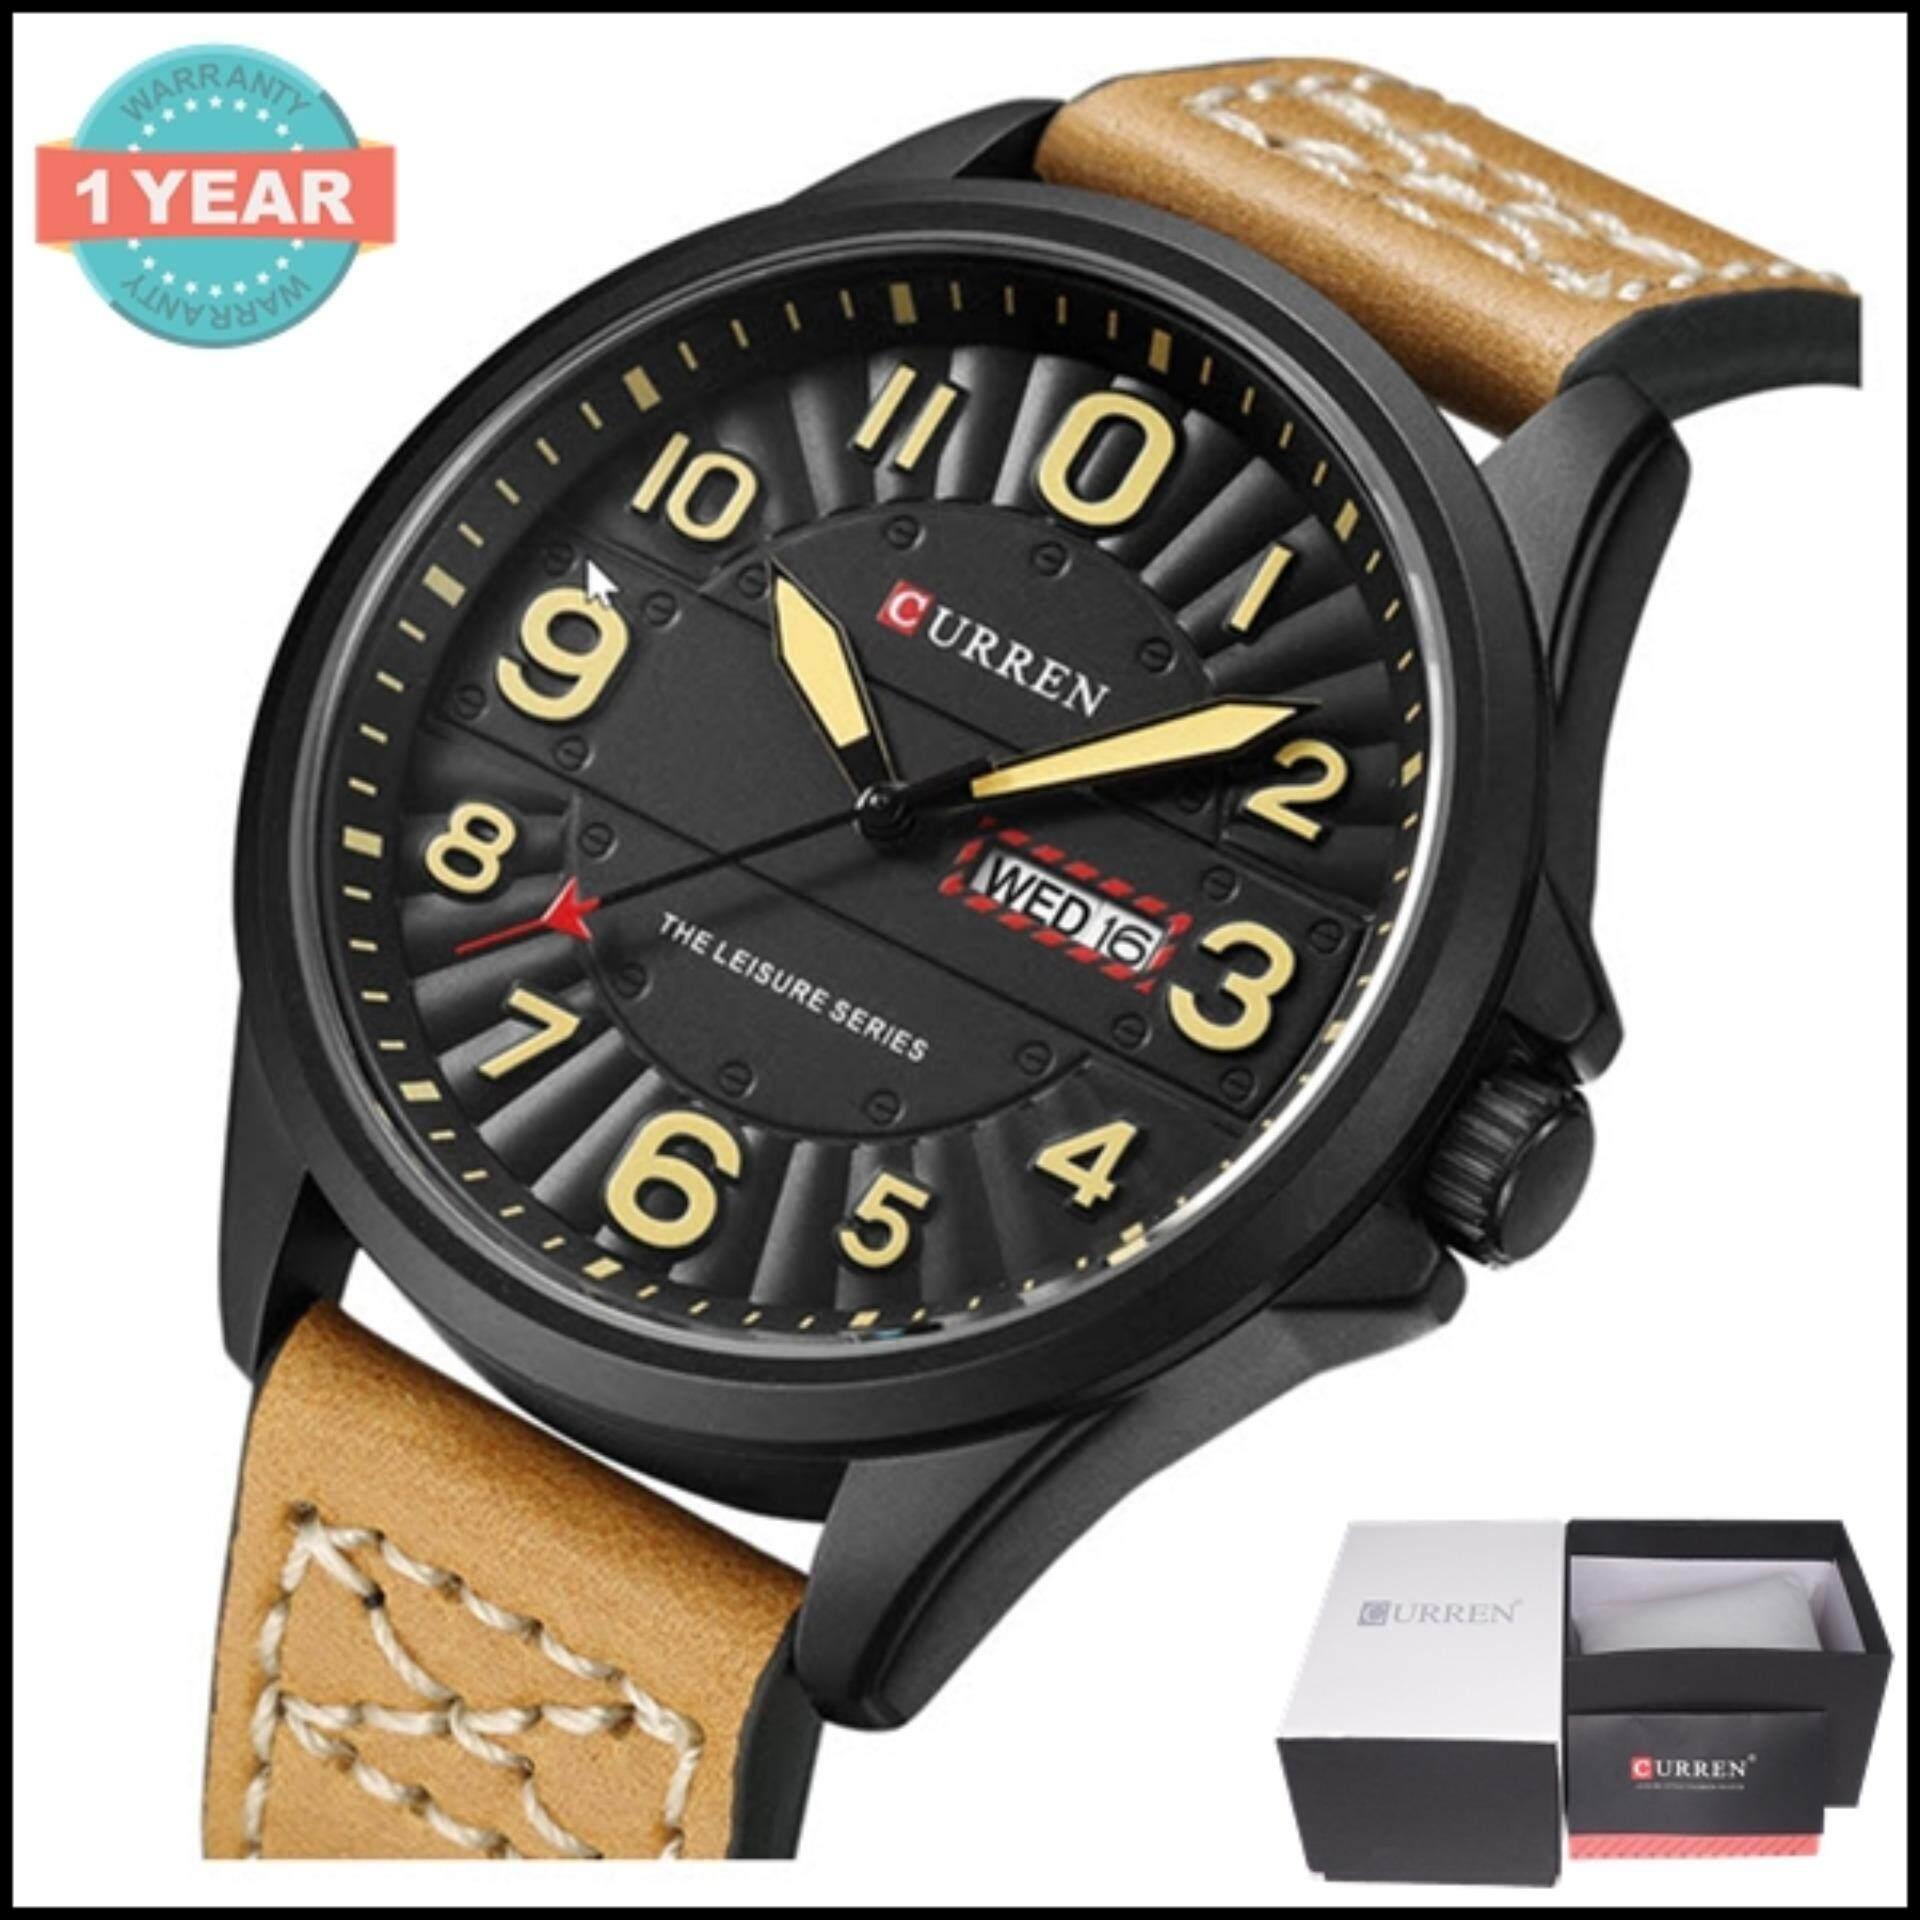 ขาย Curren นาฬิกาข้อมือผู้ชาย แท้100 แสดงตัวเลขชัดเจน แสดงวันที่และวัน สายหนัง รุ่น C8269 พร้อมกล่องนาฬิกา Curren ออนไลน์ ใน สมุทรปราการ